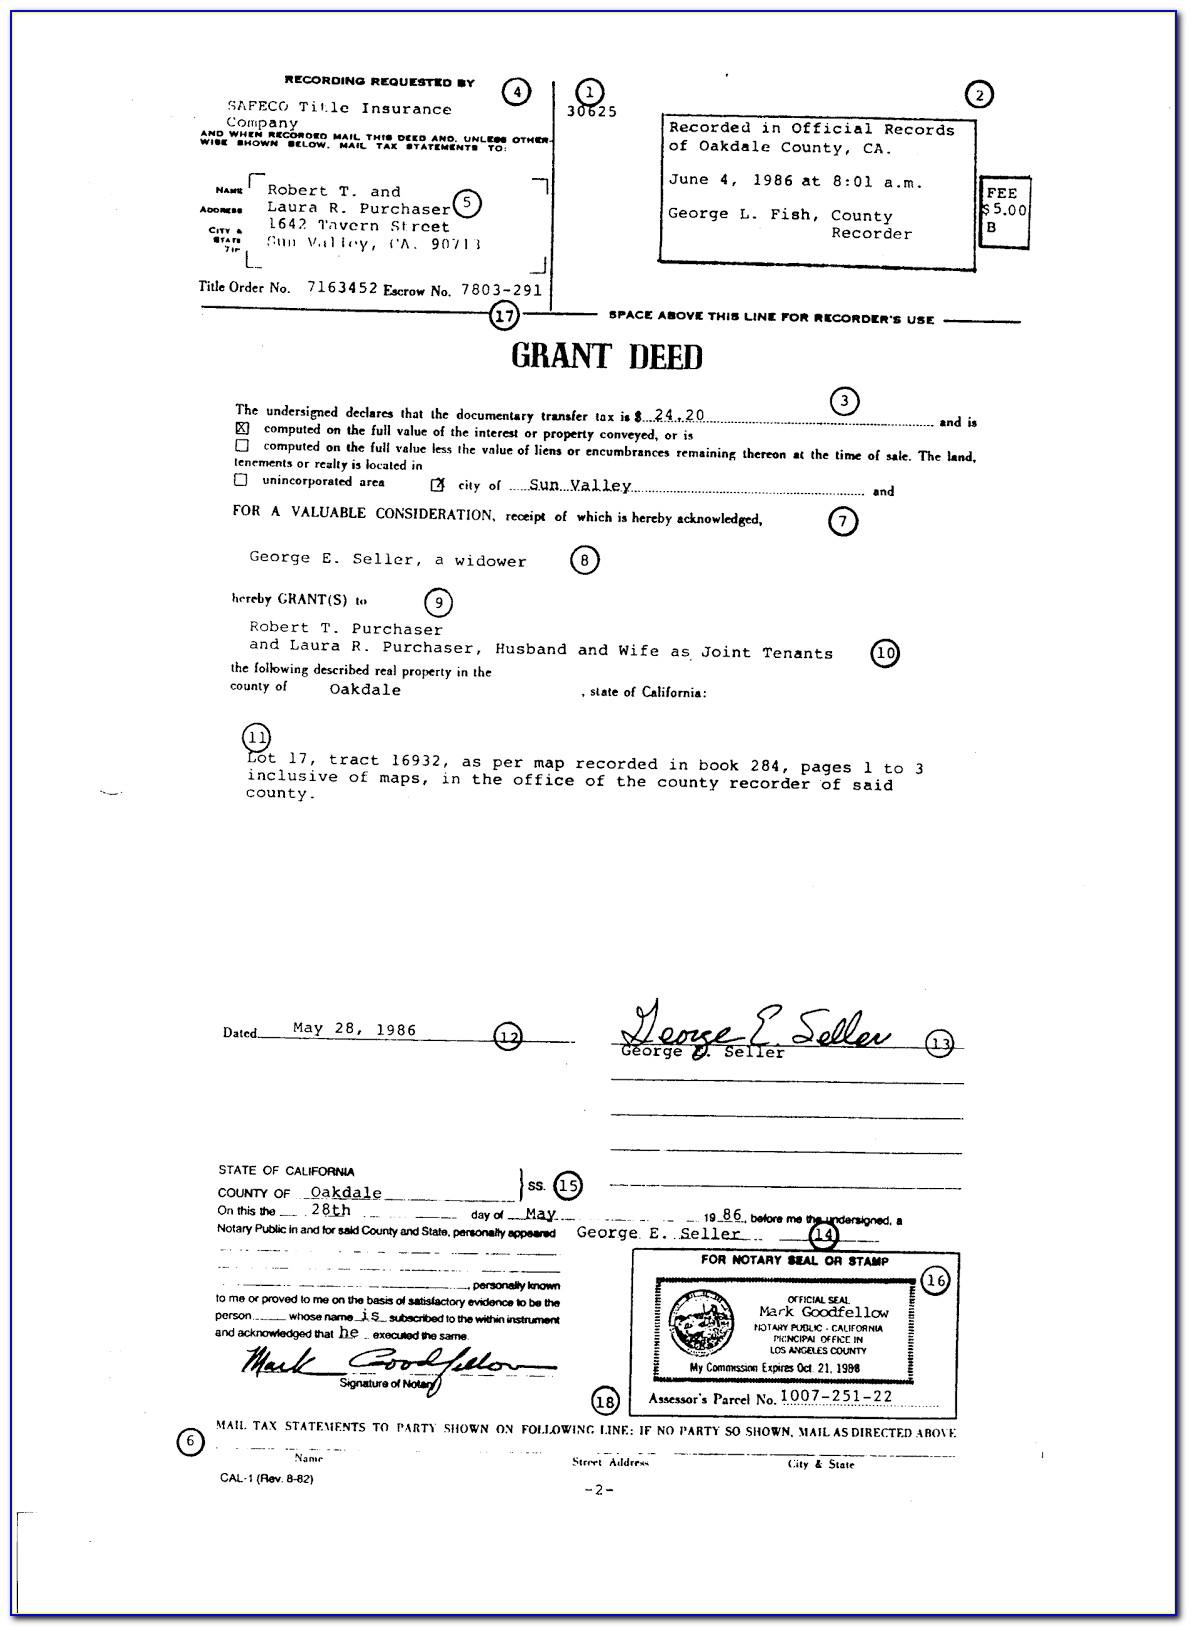 Grant Deed Document